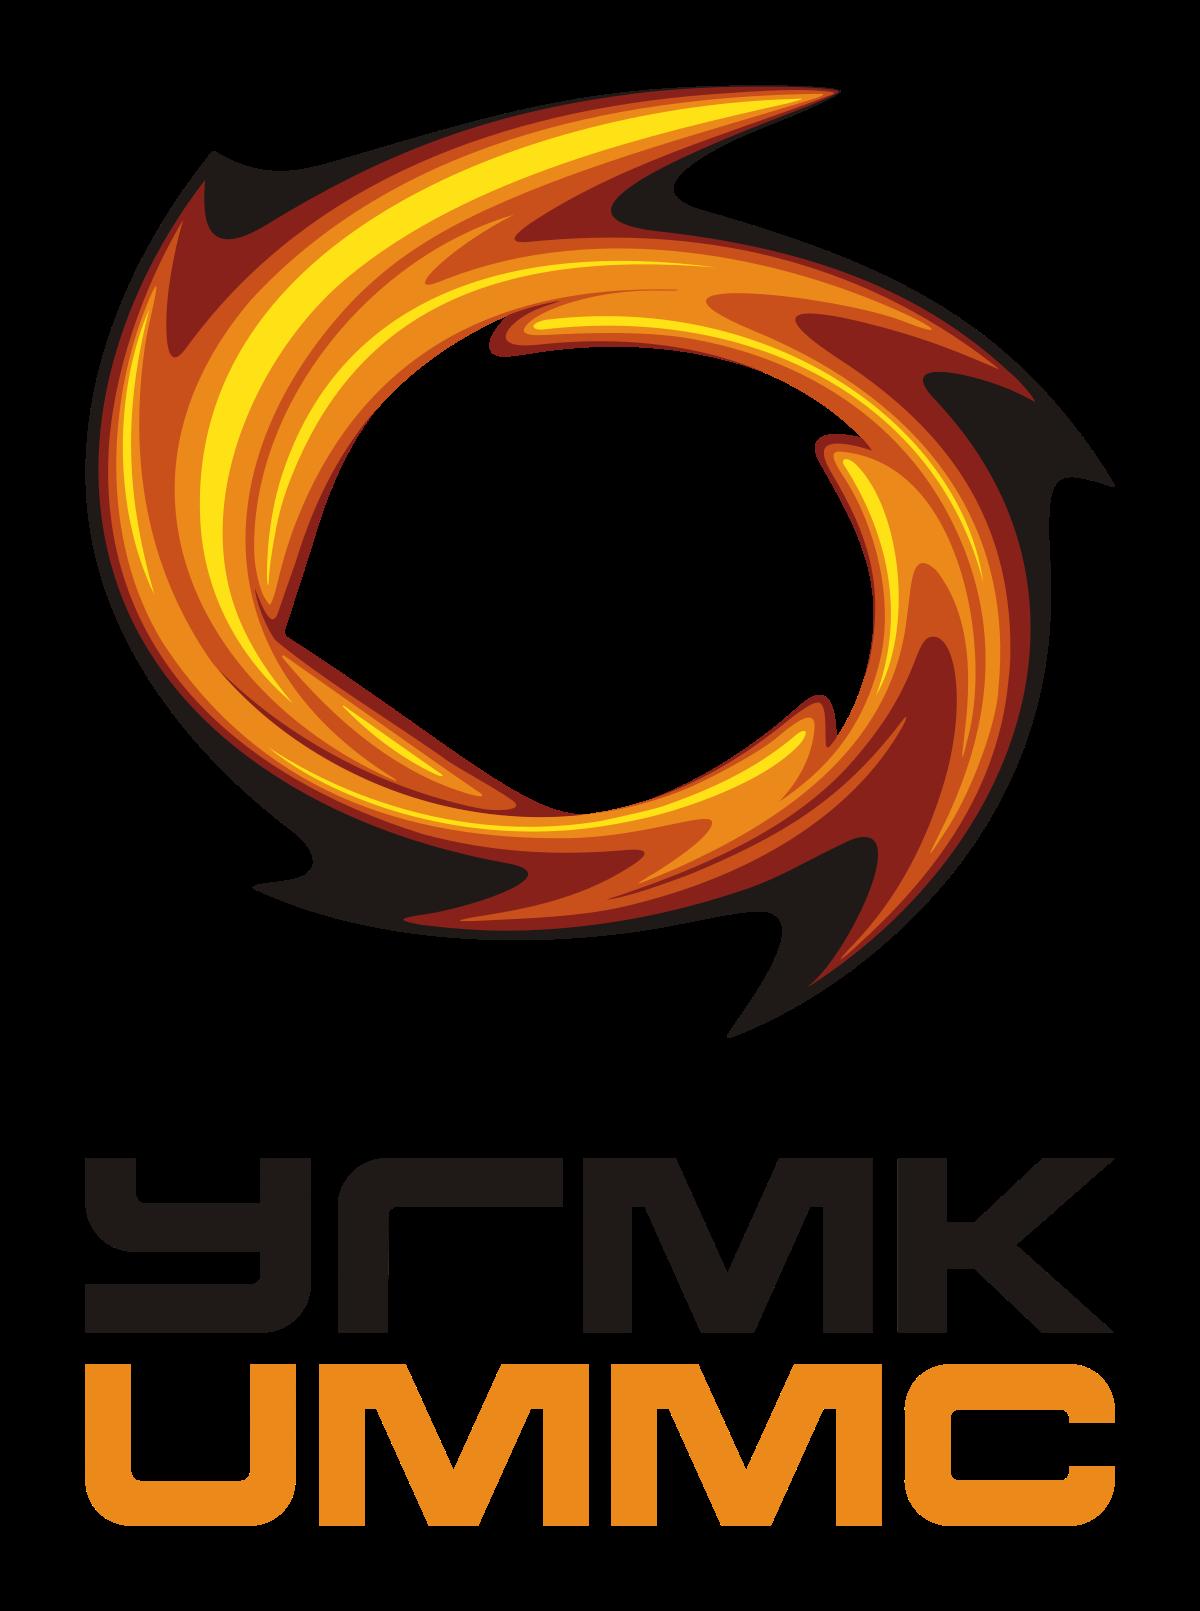 УГМК - Холдинг